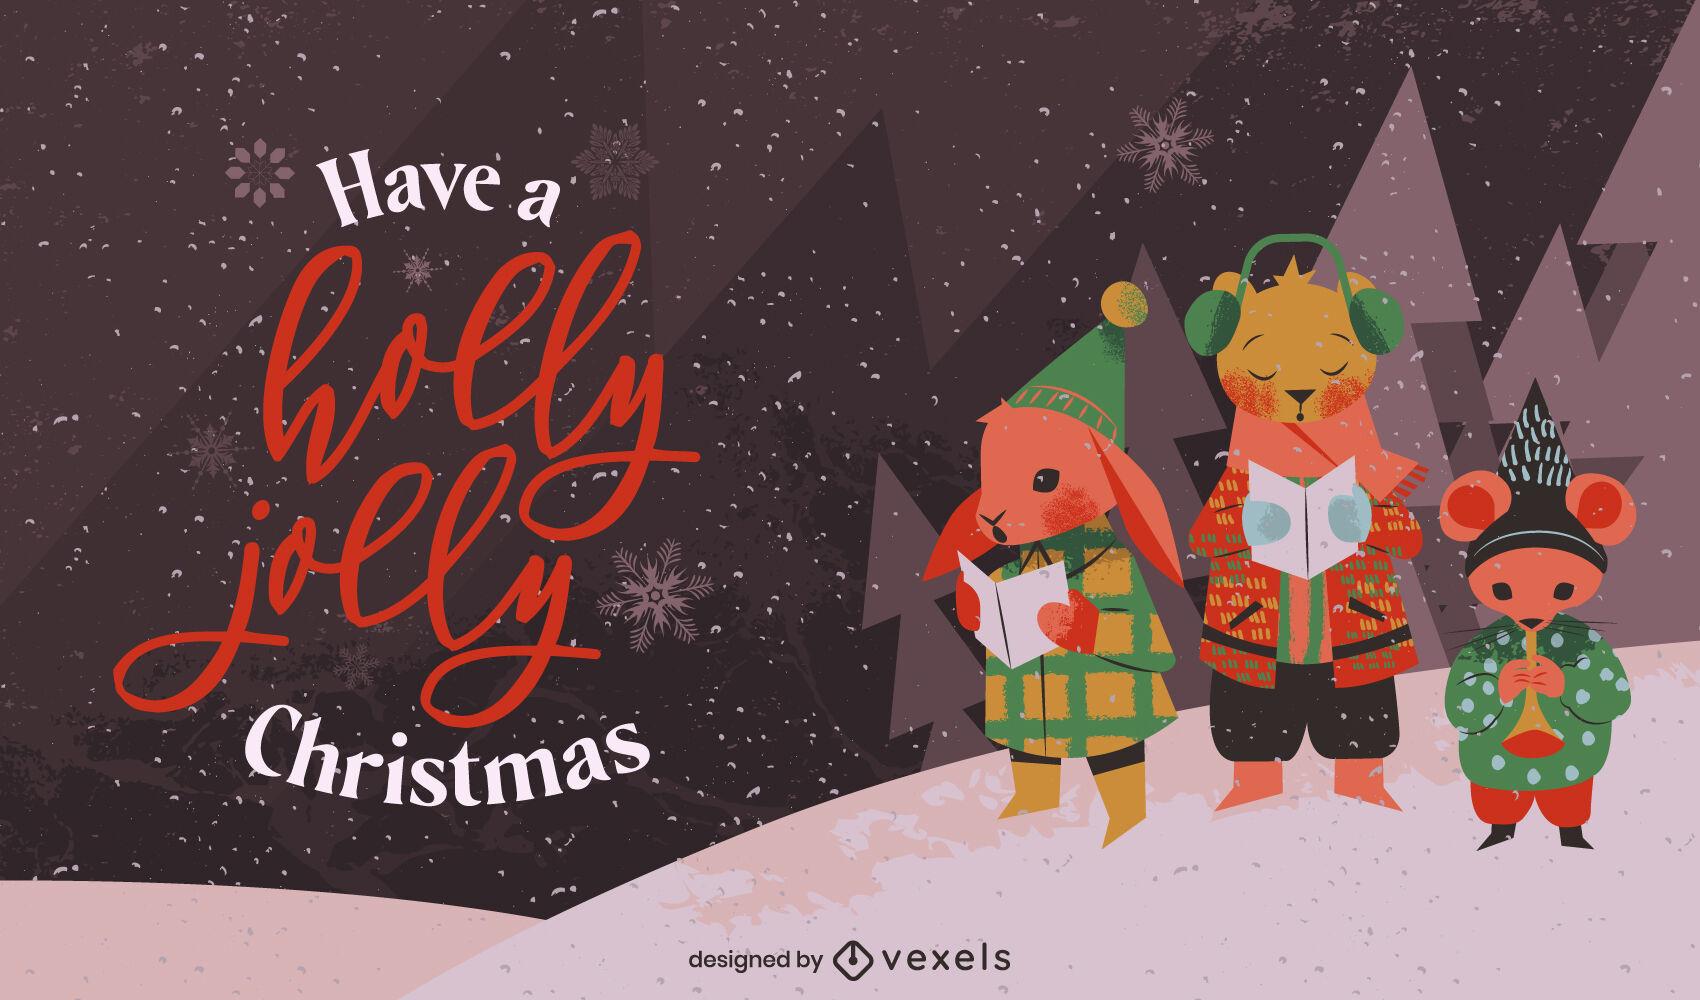 Ilustraci?n de cantantes de villancicos animales de Navidad